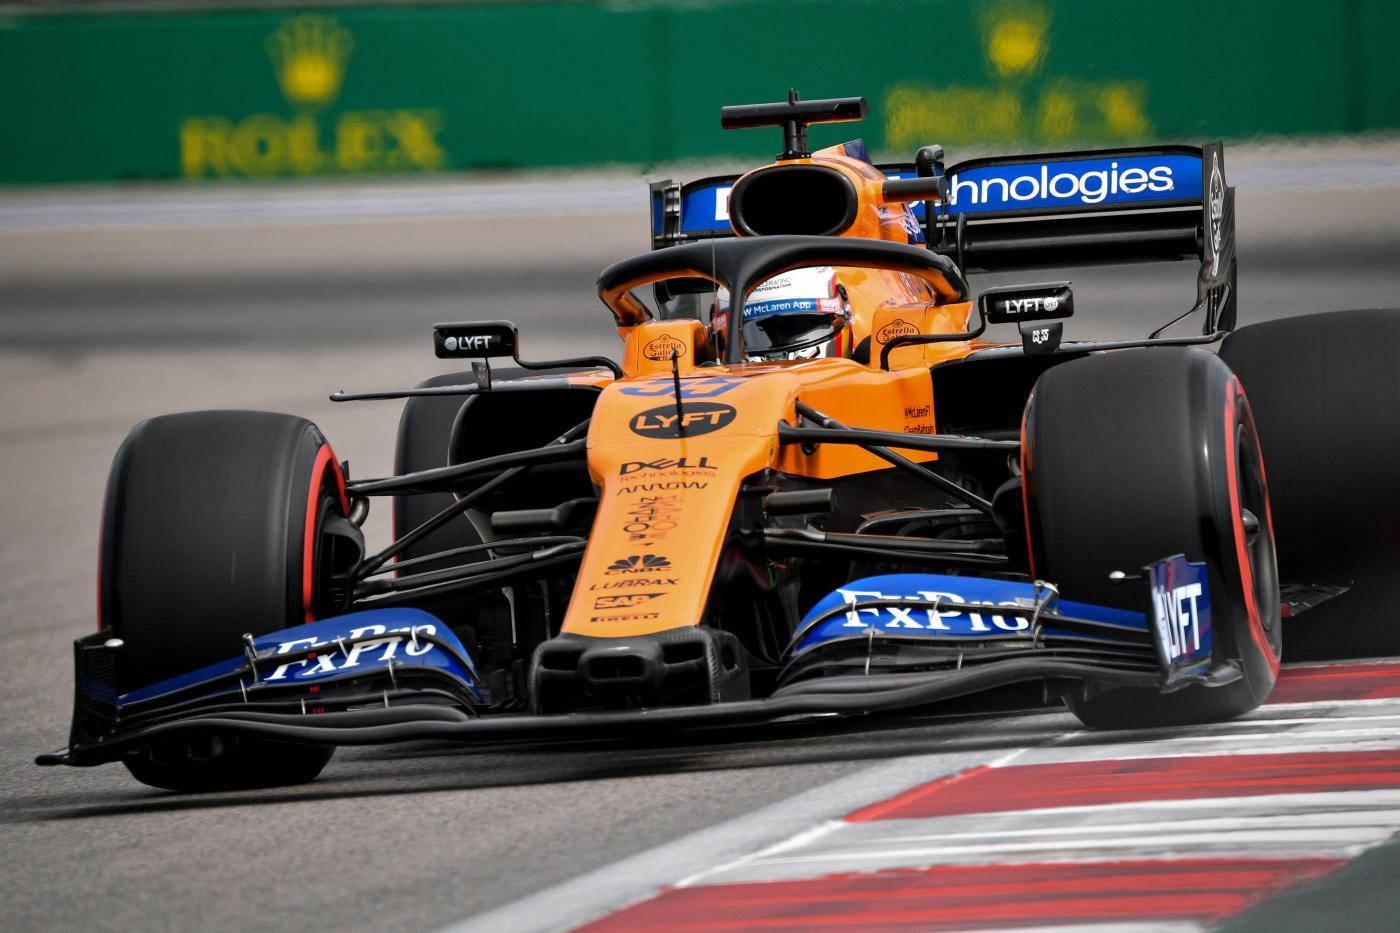 La McLaren ha deciso di mettere in vendita il McLaren Technology Center di Woking pur non abbandonandolo.